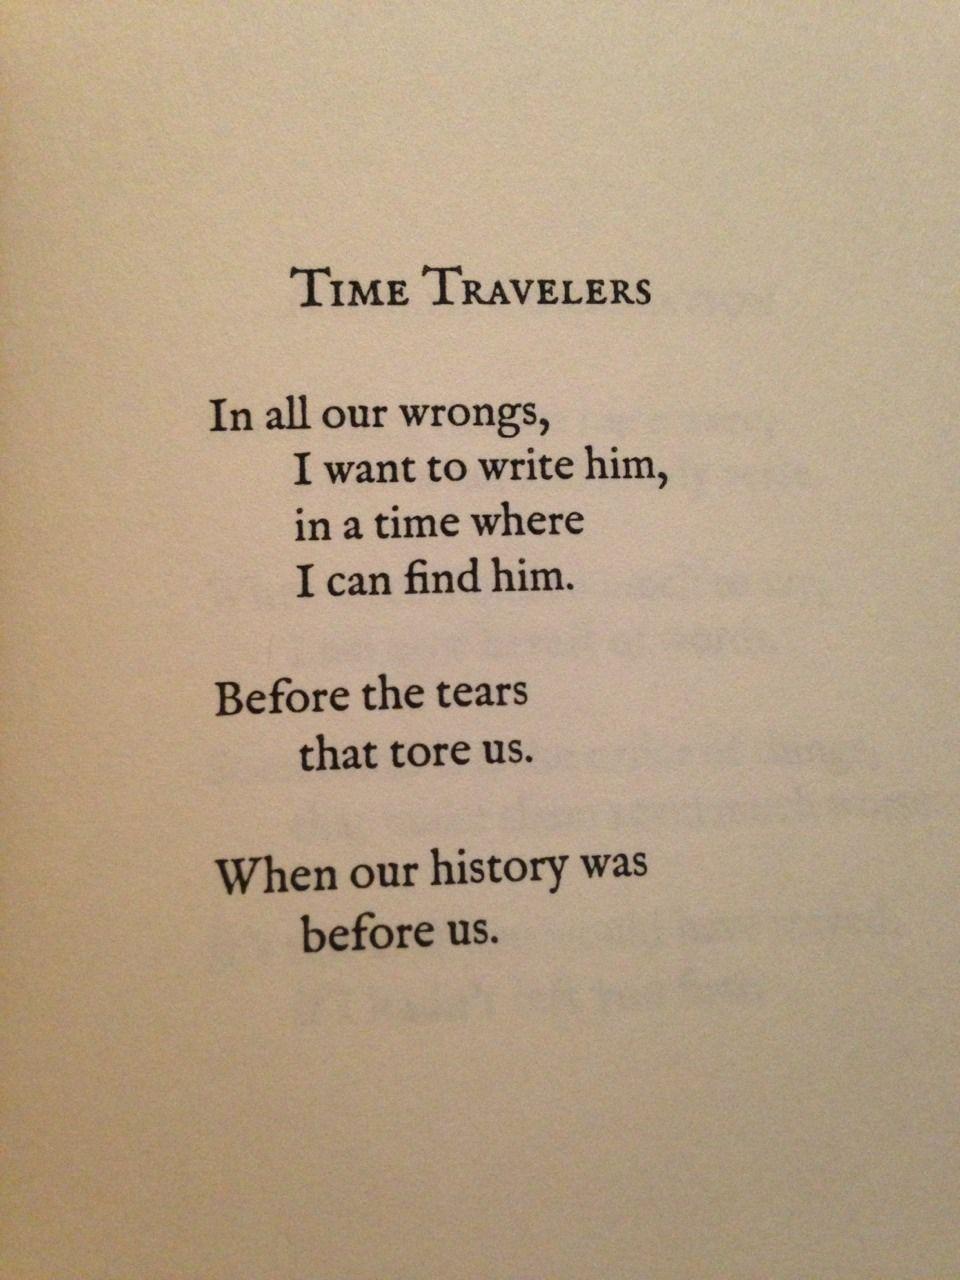 lange citater om kærlighed Time Travelers by Lang Leav | Poetry | Citater, Kærlighed lange citater om kærlighed